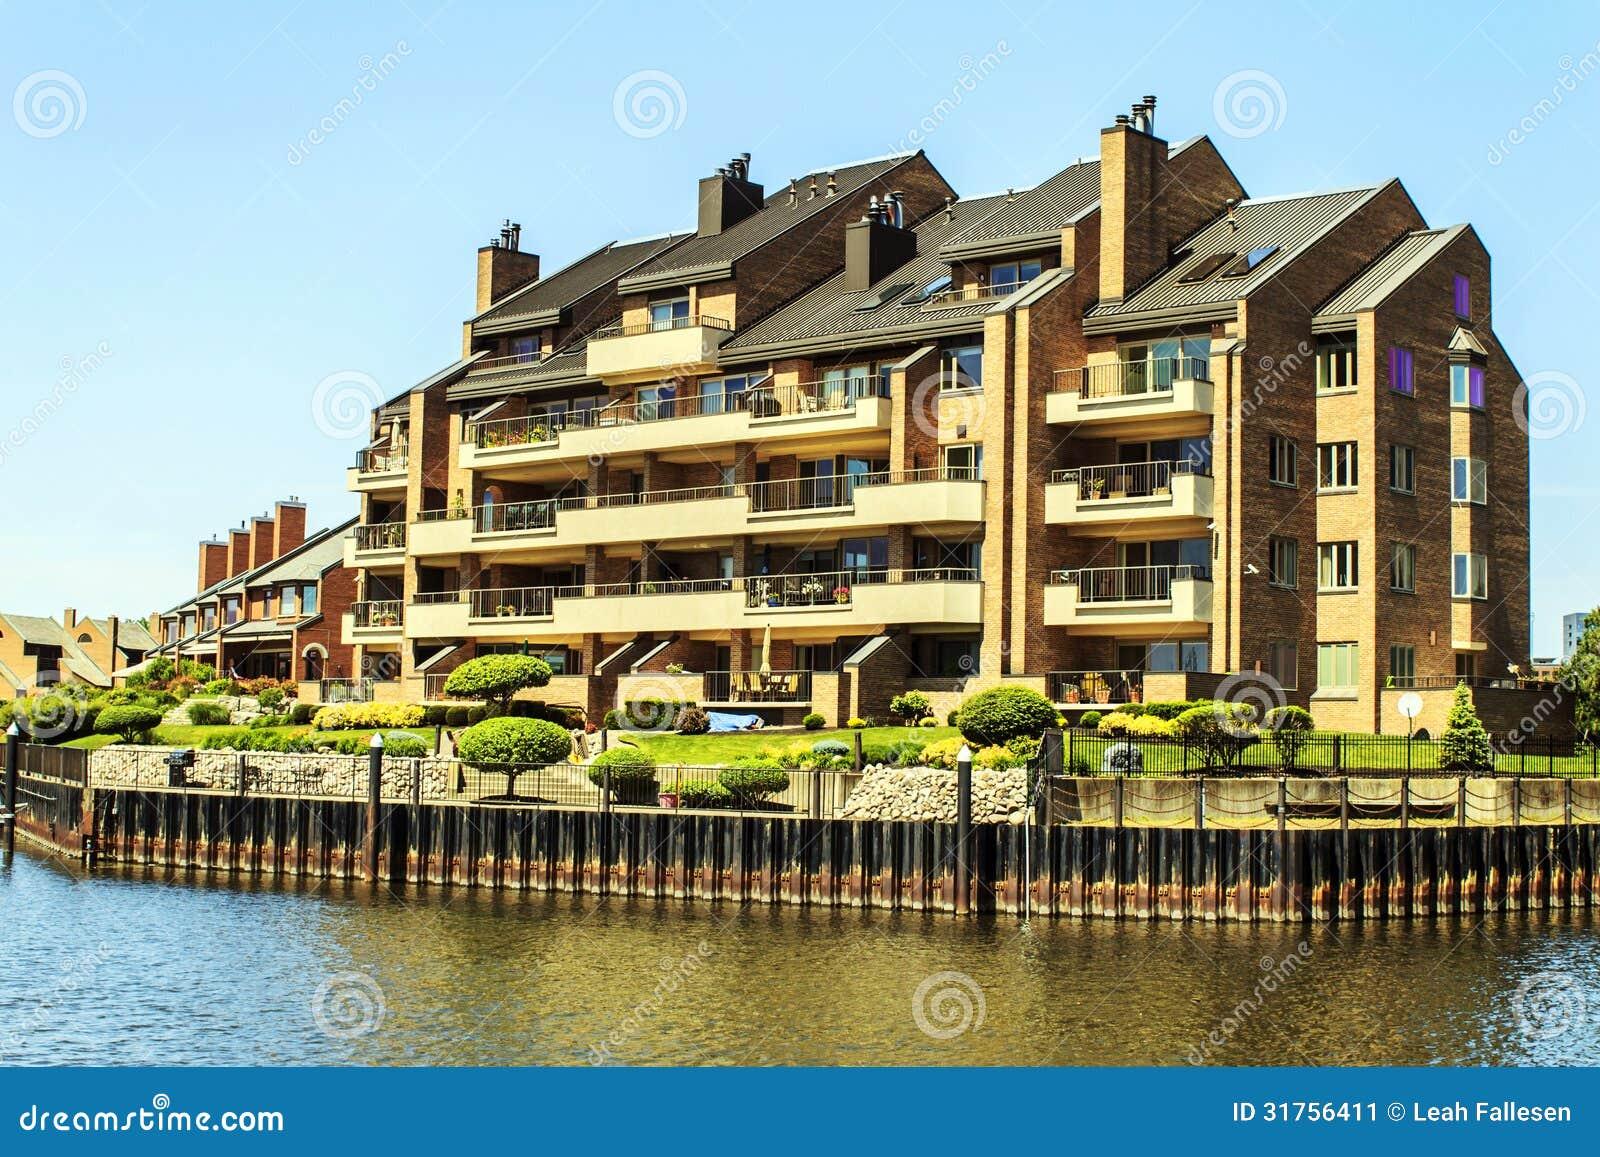 Harbor Apartments